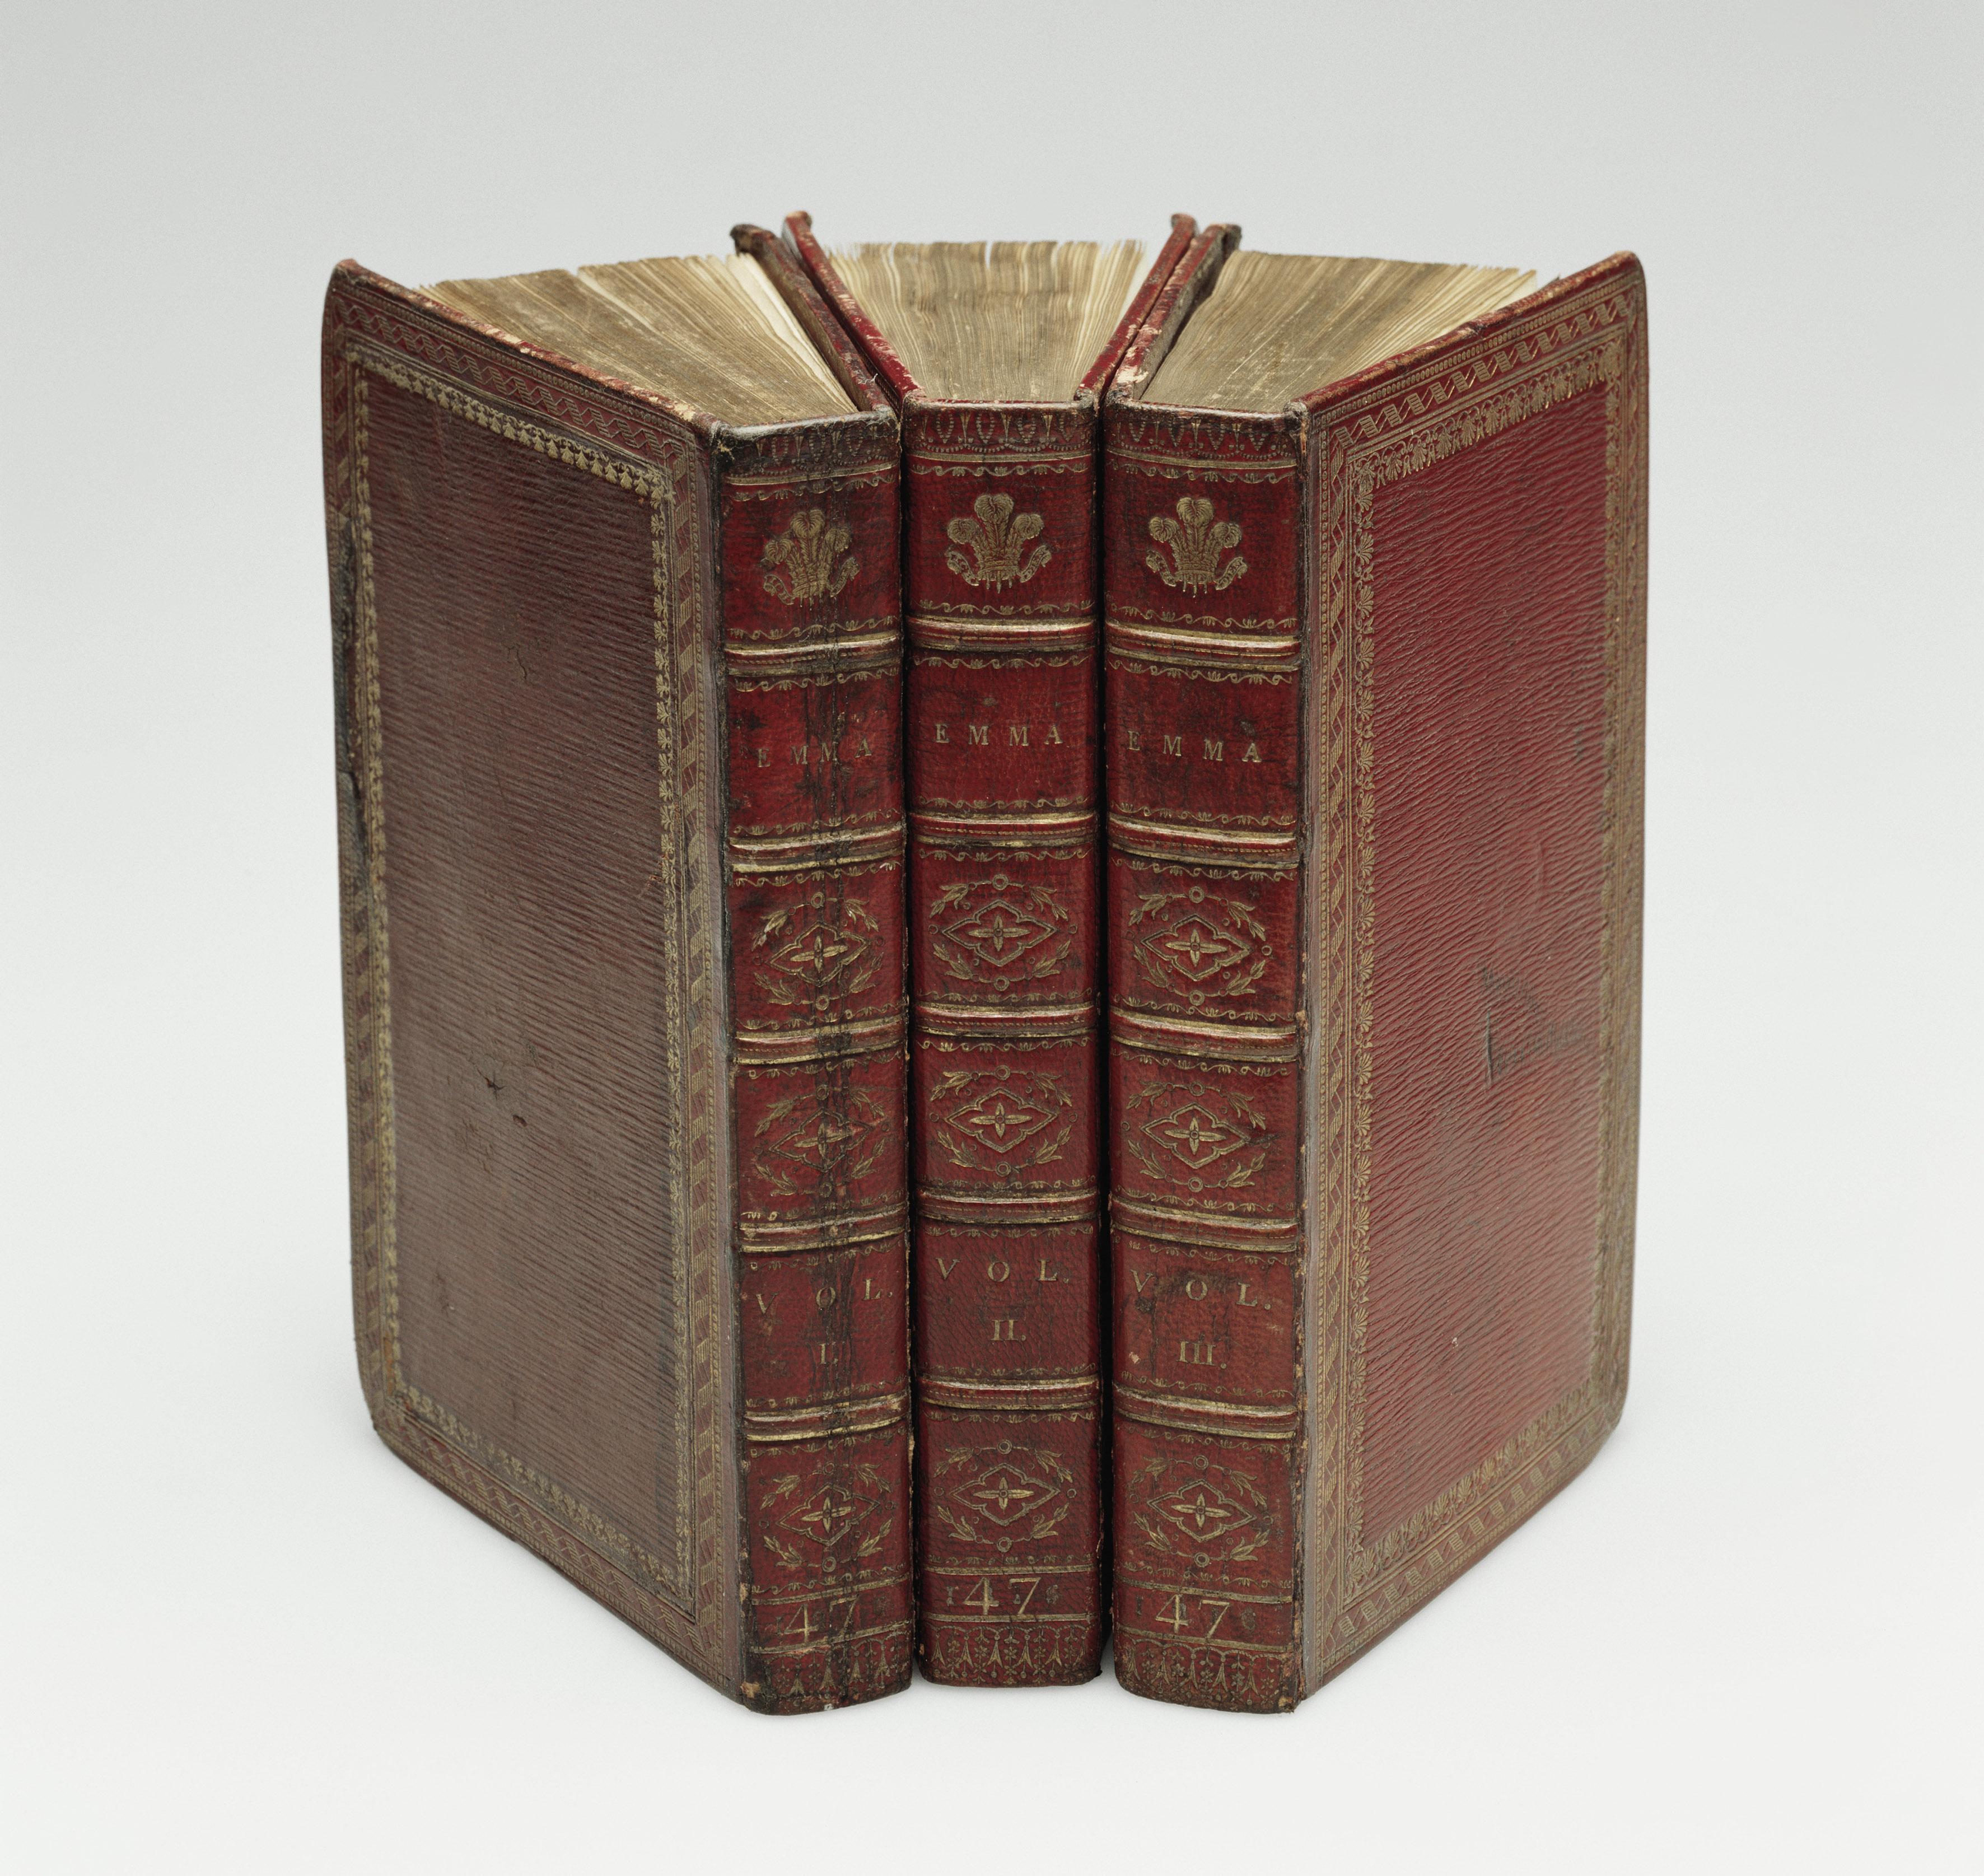 Jane Austen, Emma: a novel in three volumes, 1816